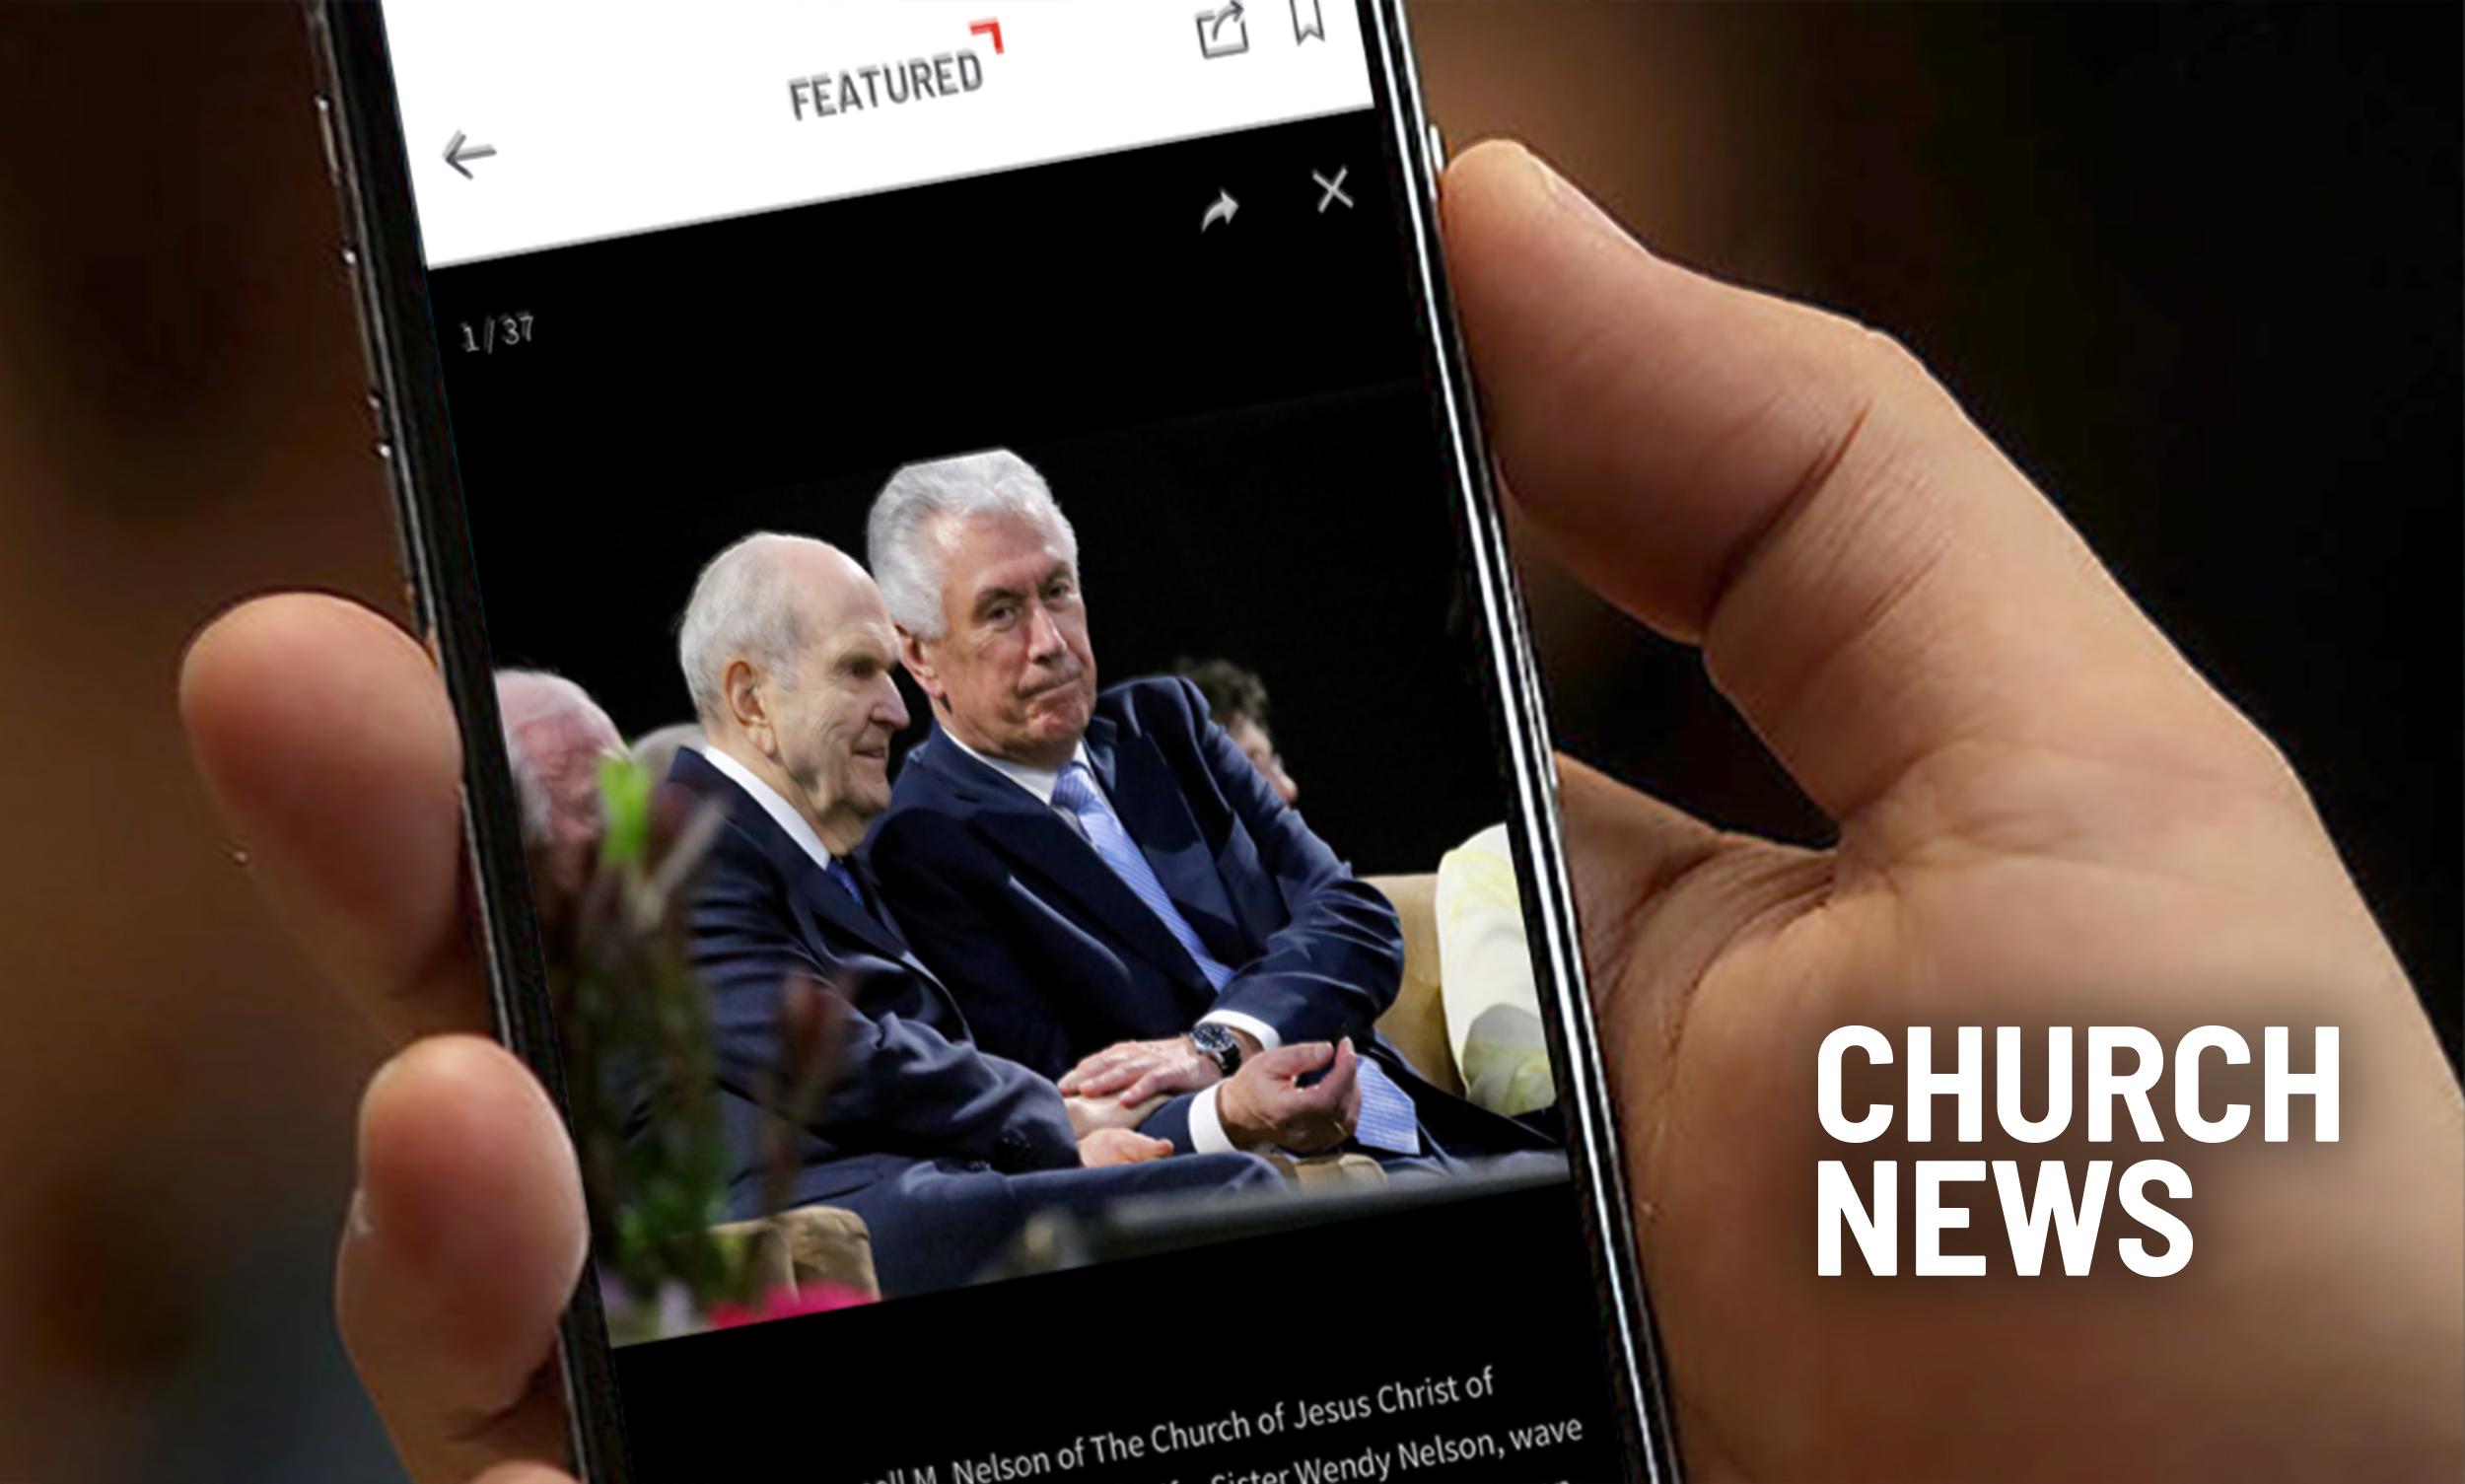 Church News app